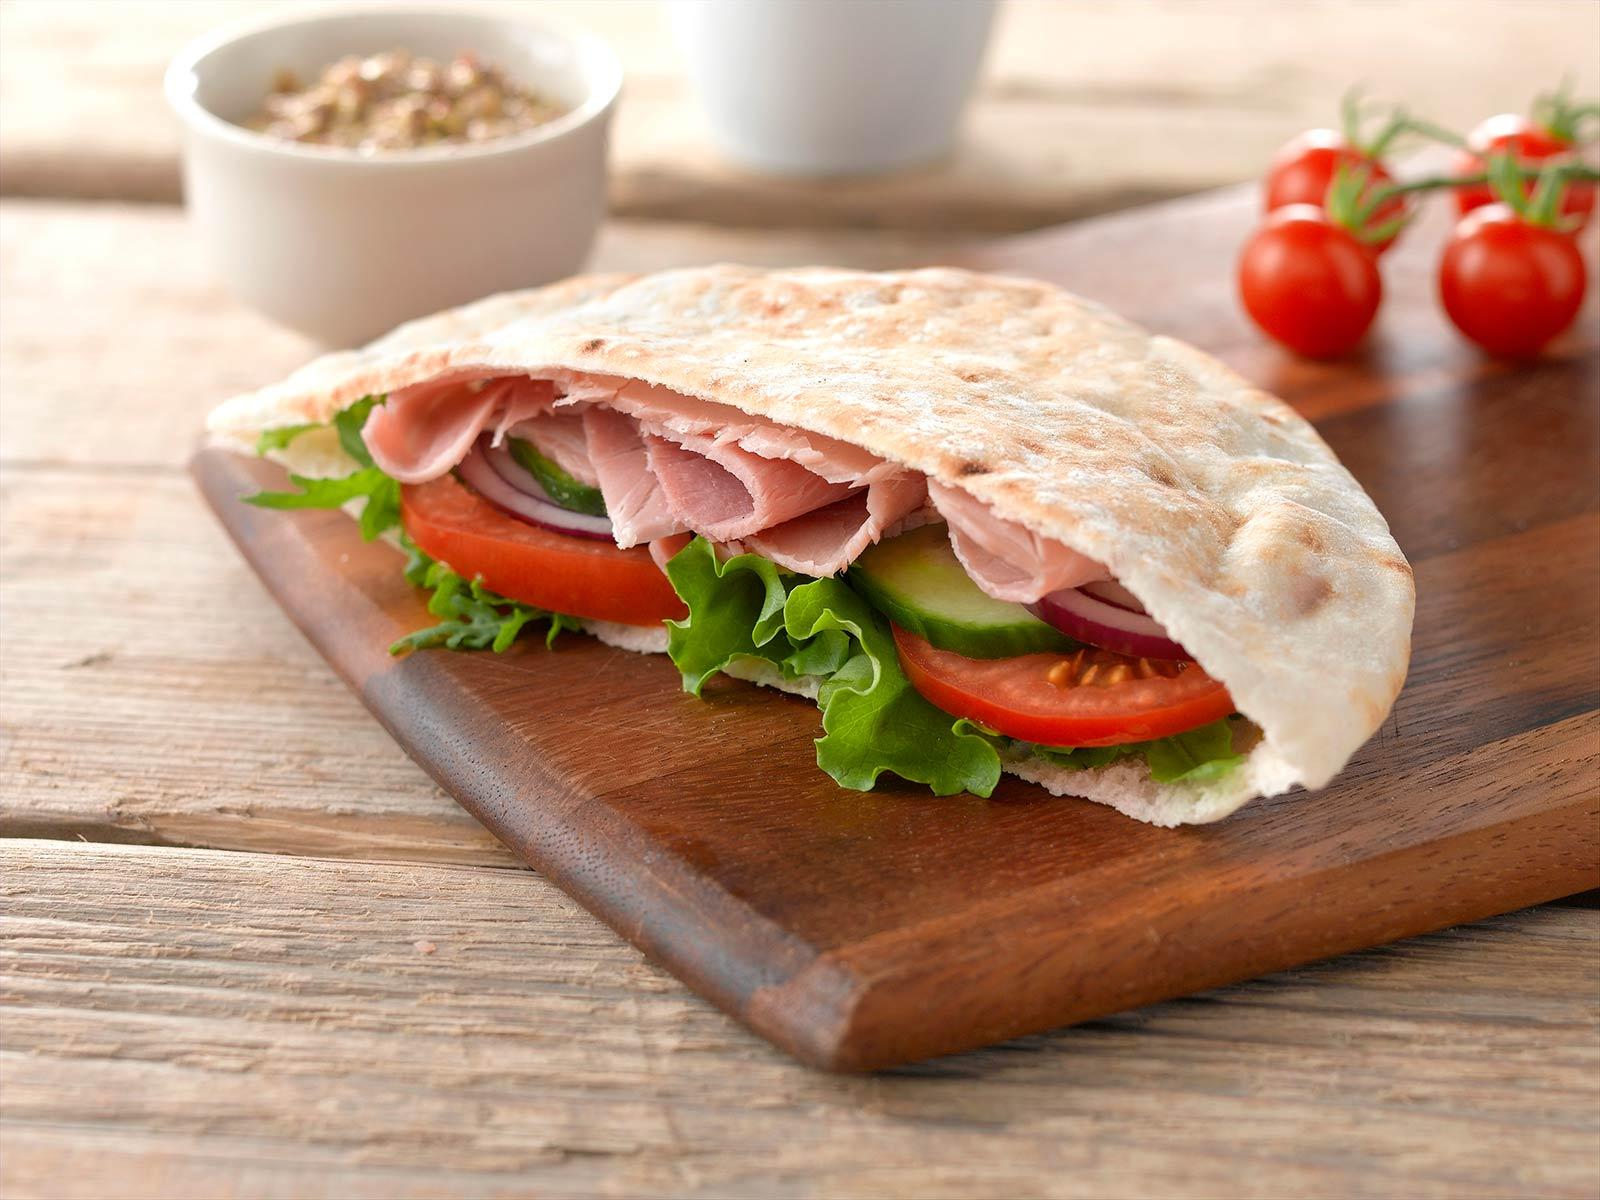 warburtons pitta bread